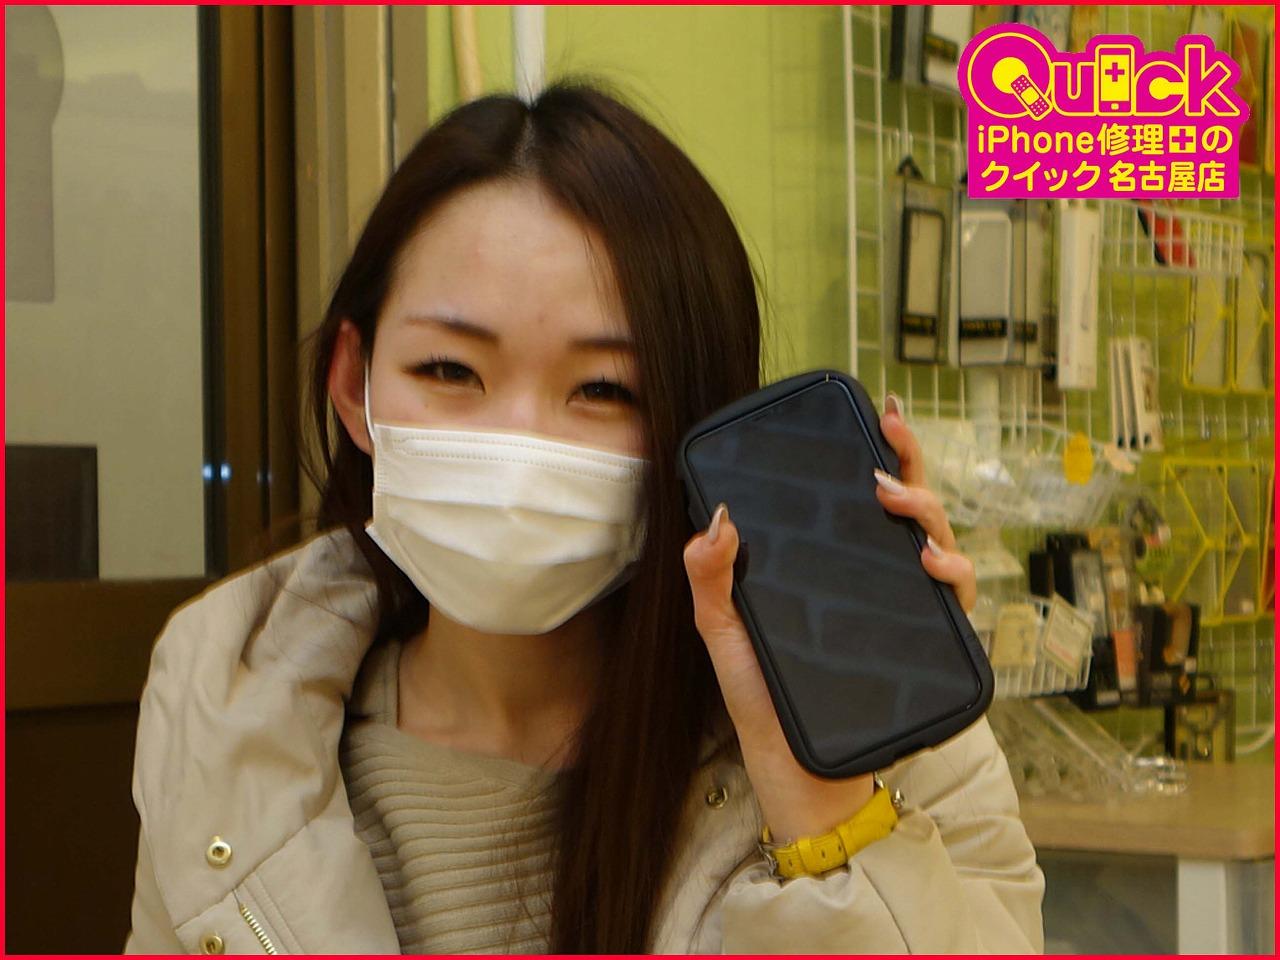 ☆鈴鹿市よりiPhone XsMaxの画面割れ修理にご来店~♪アイフォン修理のクイック名古屋